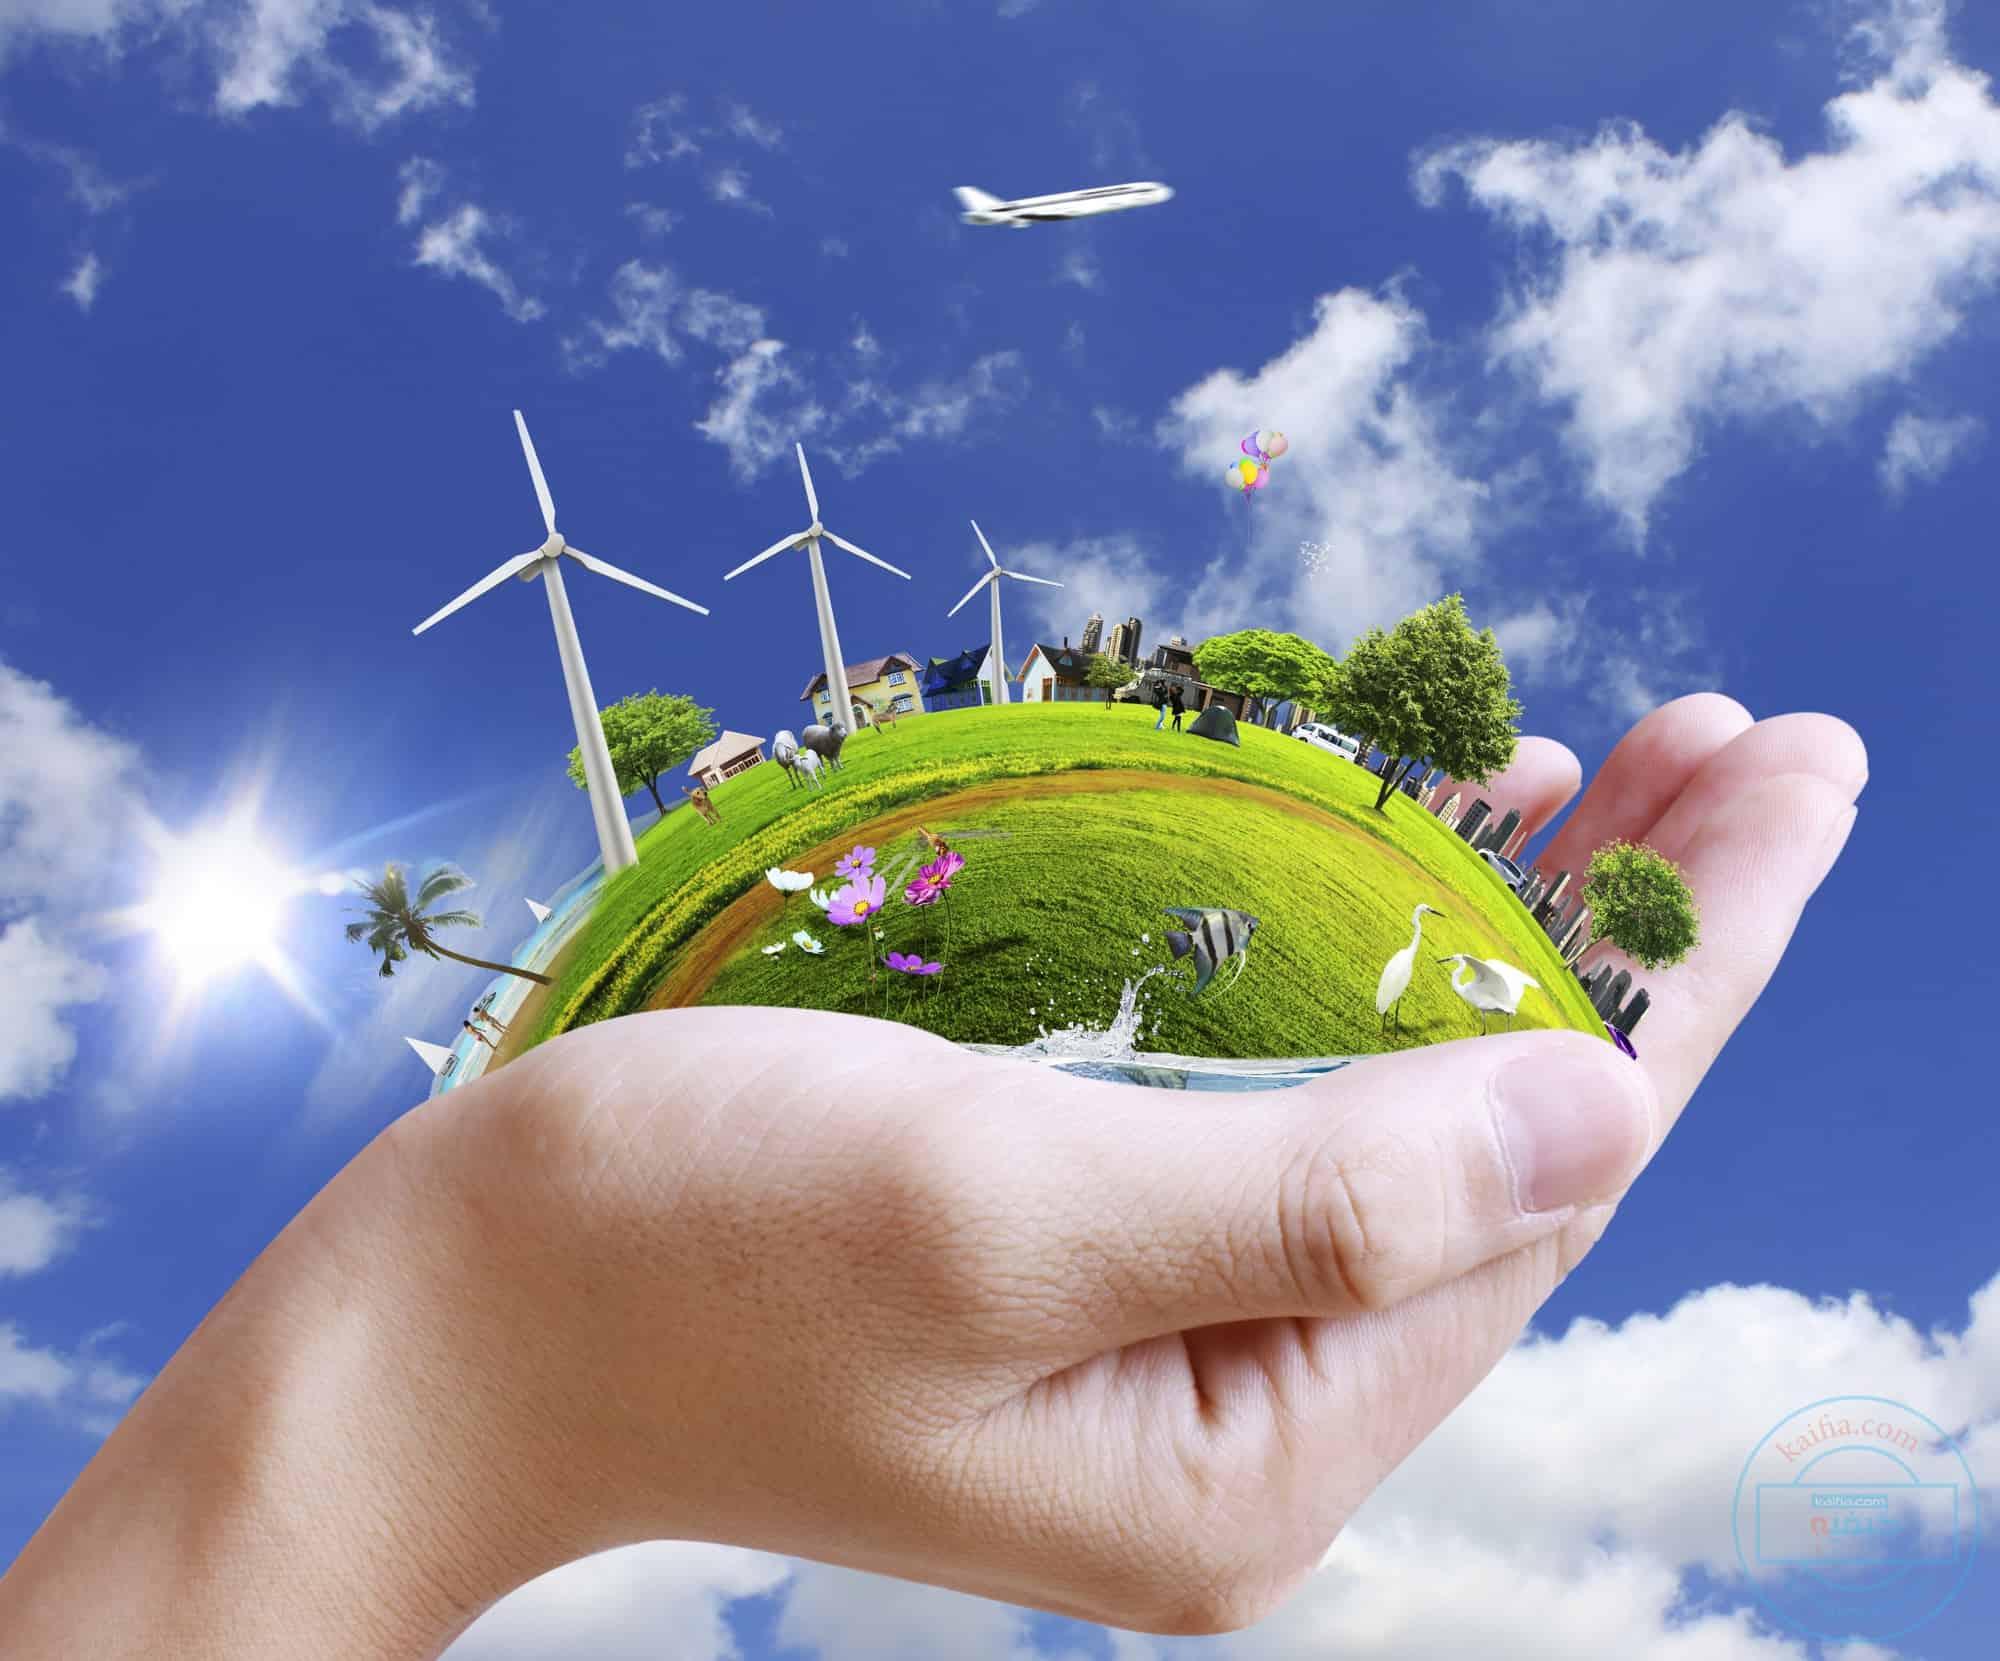 بحث شامل عن البيئة وأنواعها وتعريفها موسوعة